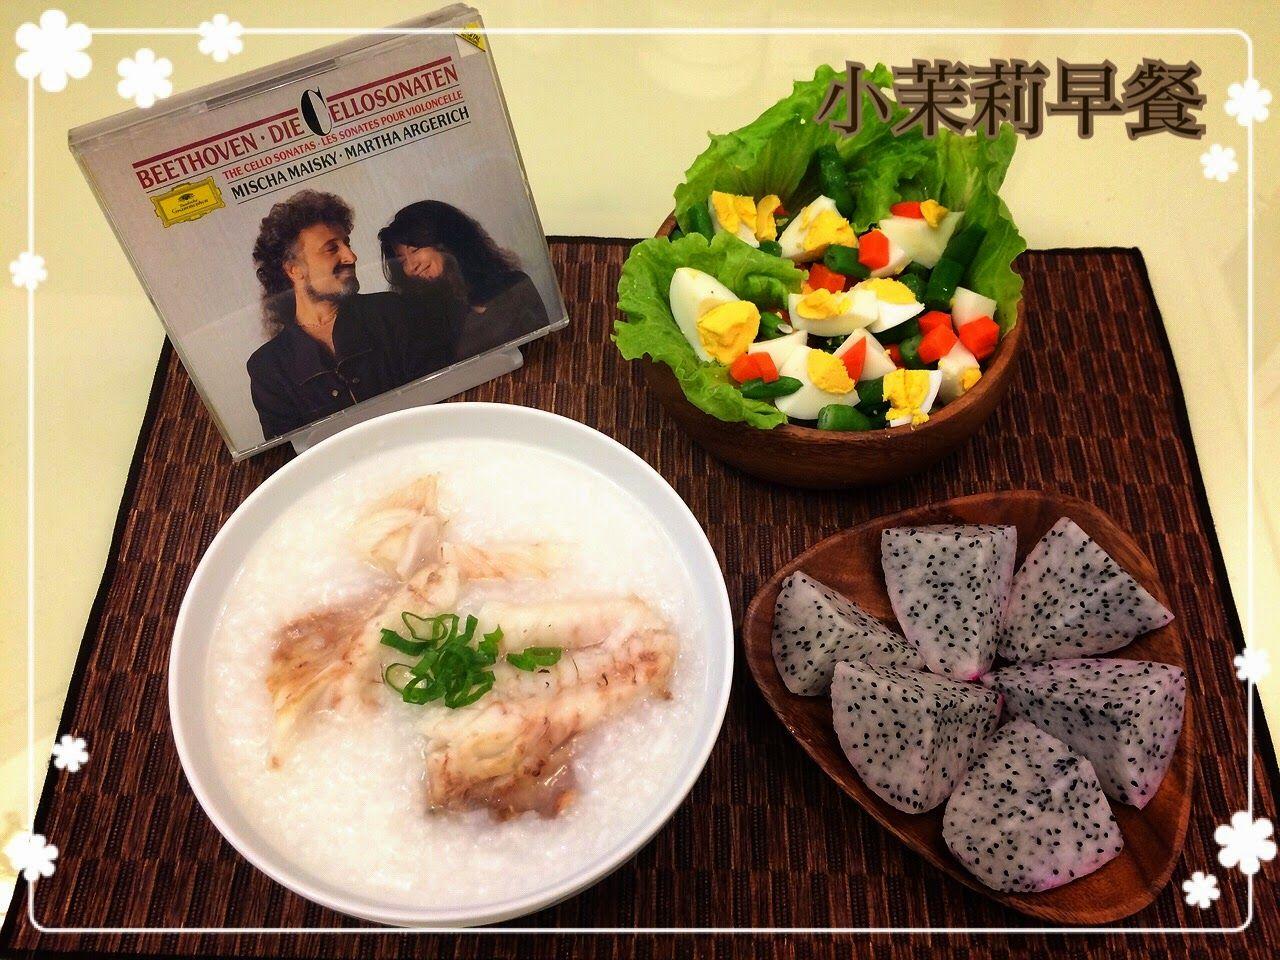 Photo of 2014.12.03 鮮魚粥、粉豆紅蘿蔔水煮蛋生菜沙拉、火龍果,佐麥…